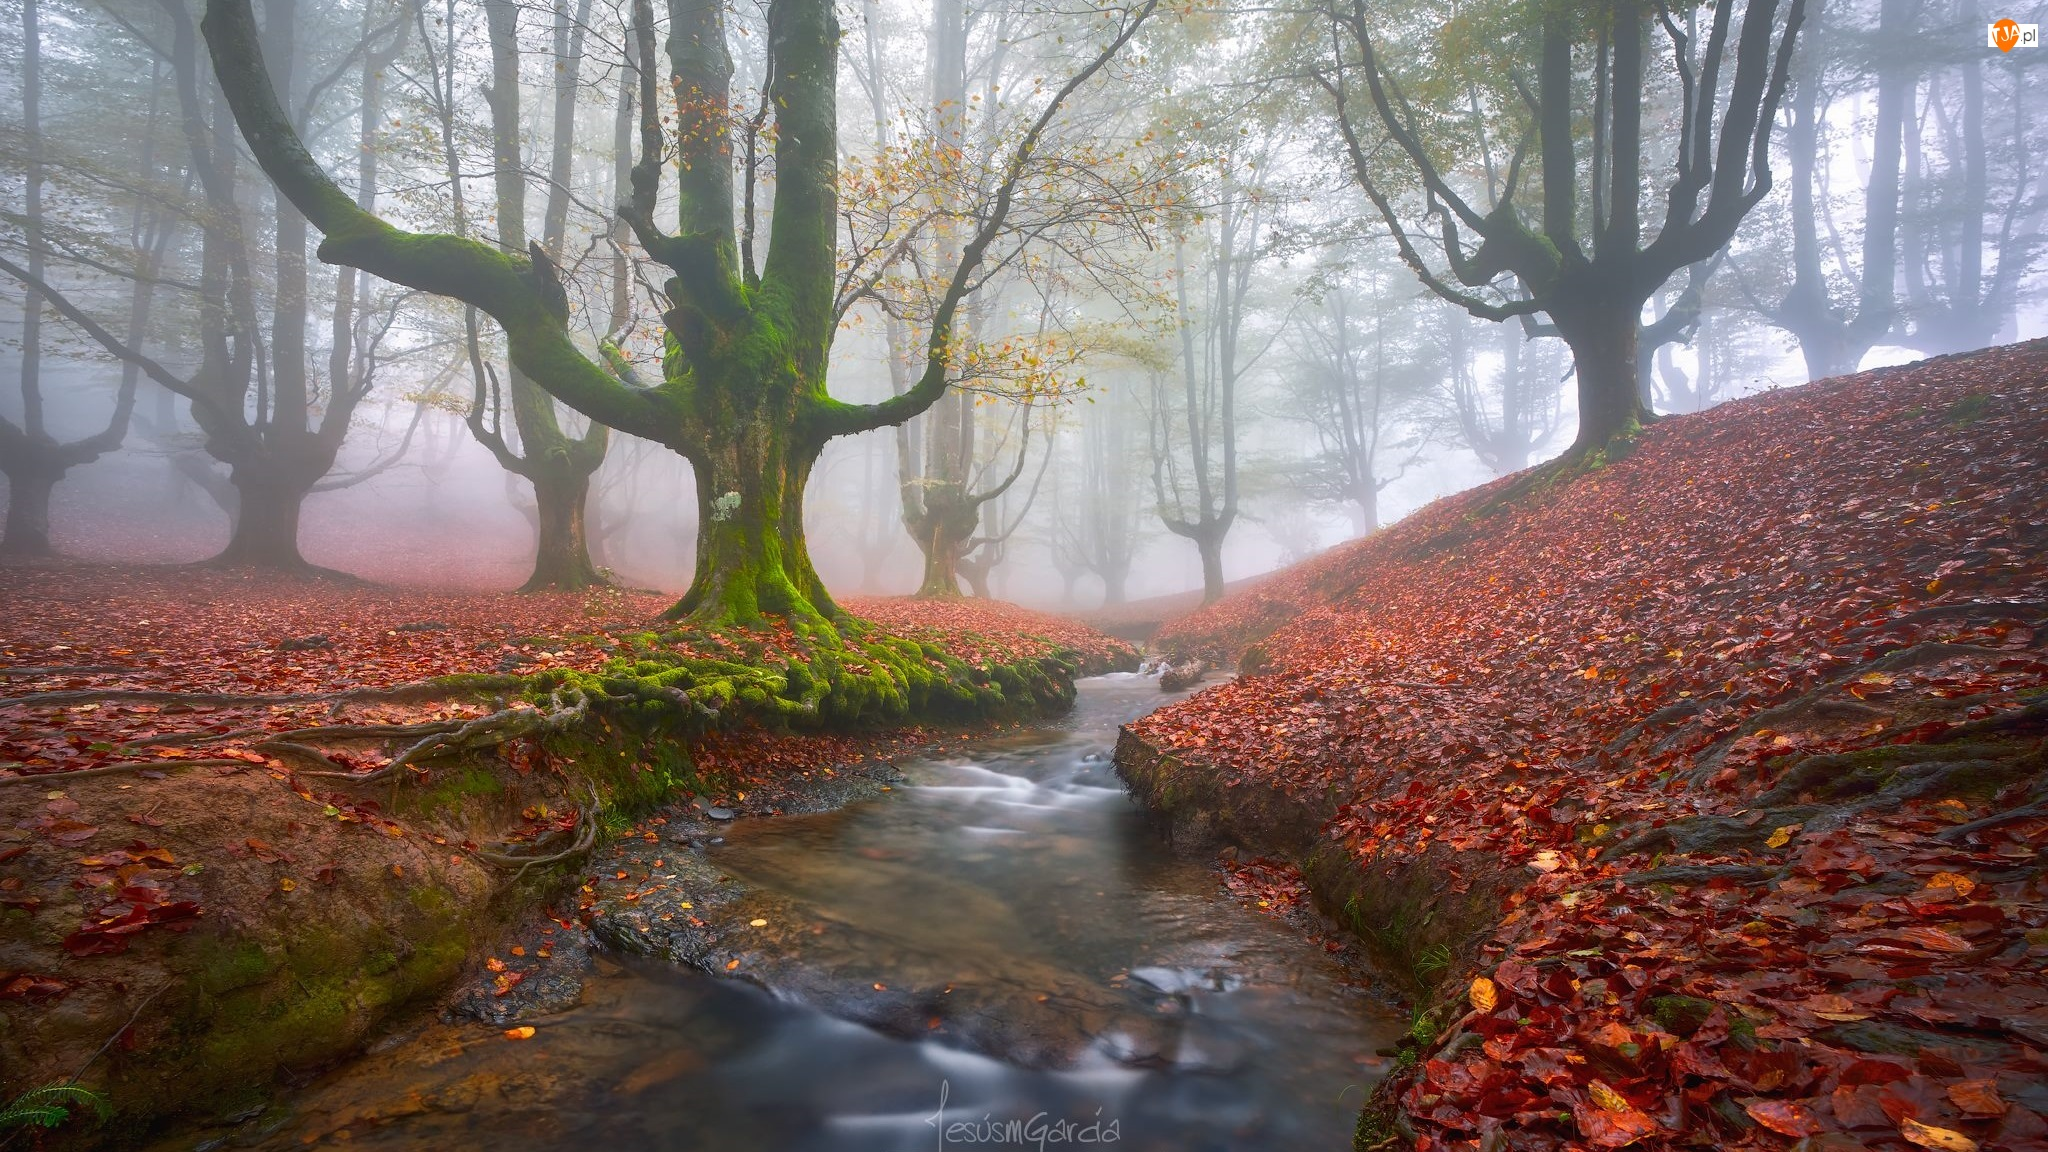 Mgła, Liście, Rzeczka, Las, Kraj Basków, Strumyk, Opadłe, Hiszpania, Drzewa, Park Narodowy Gorbea, Jesień